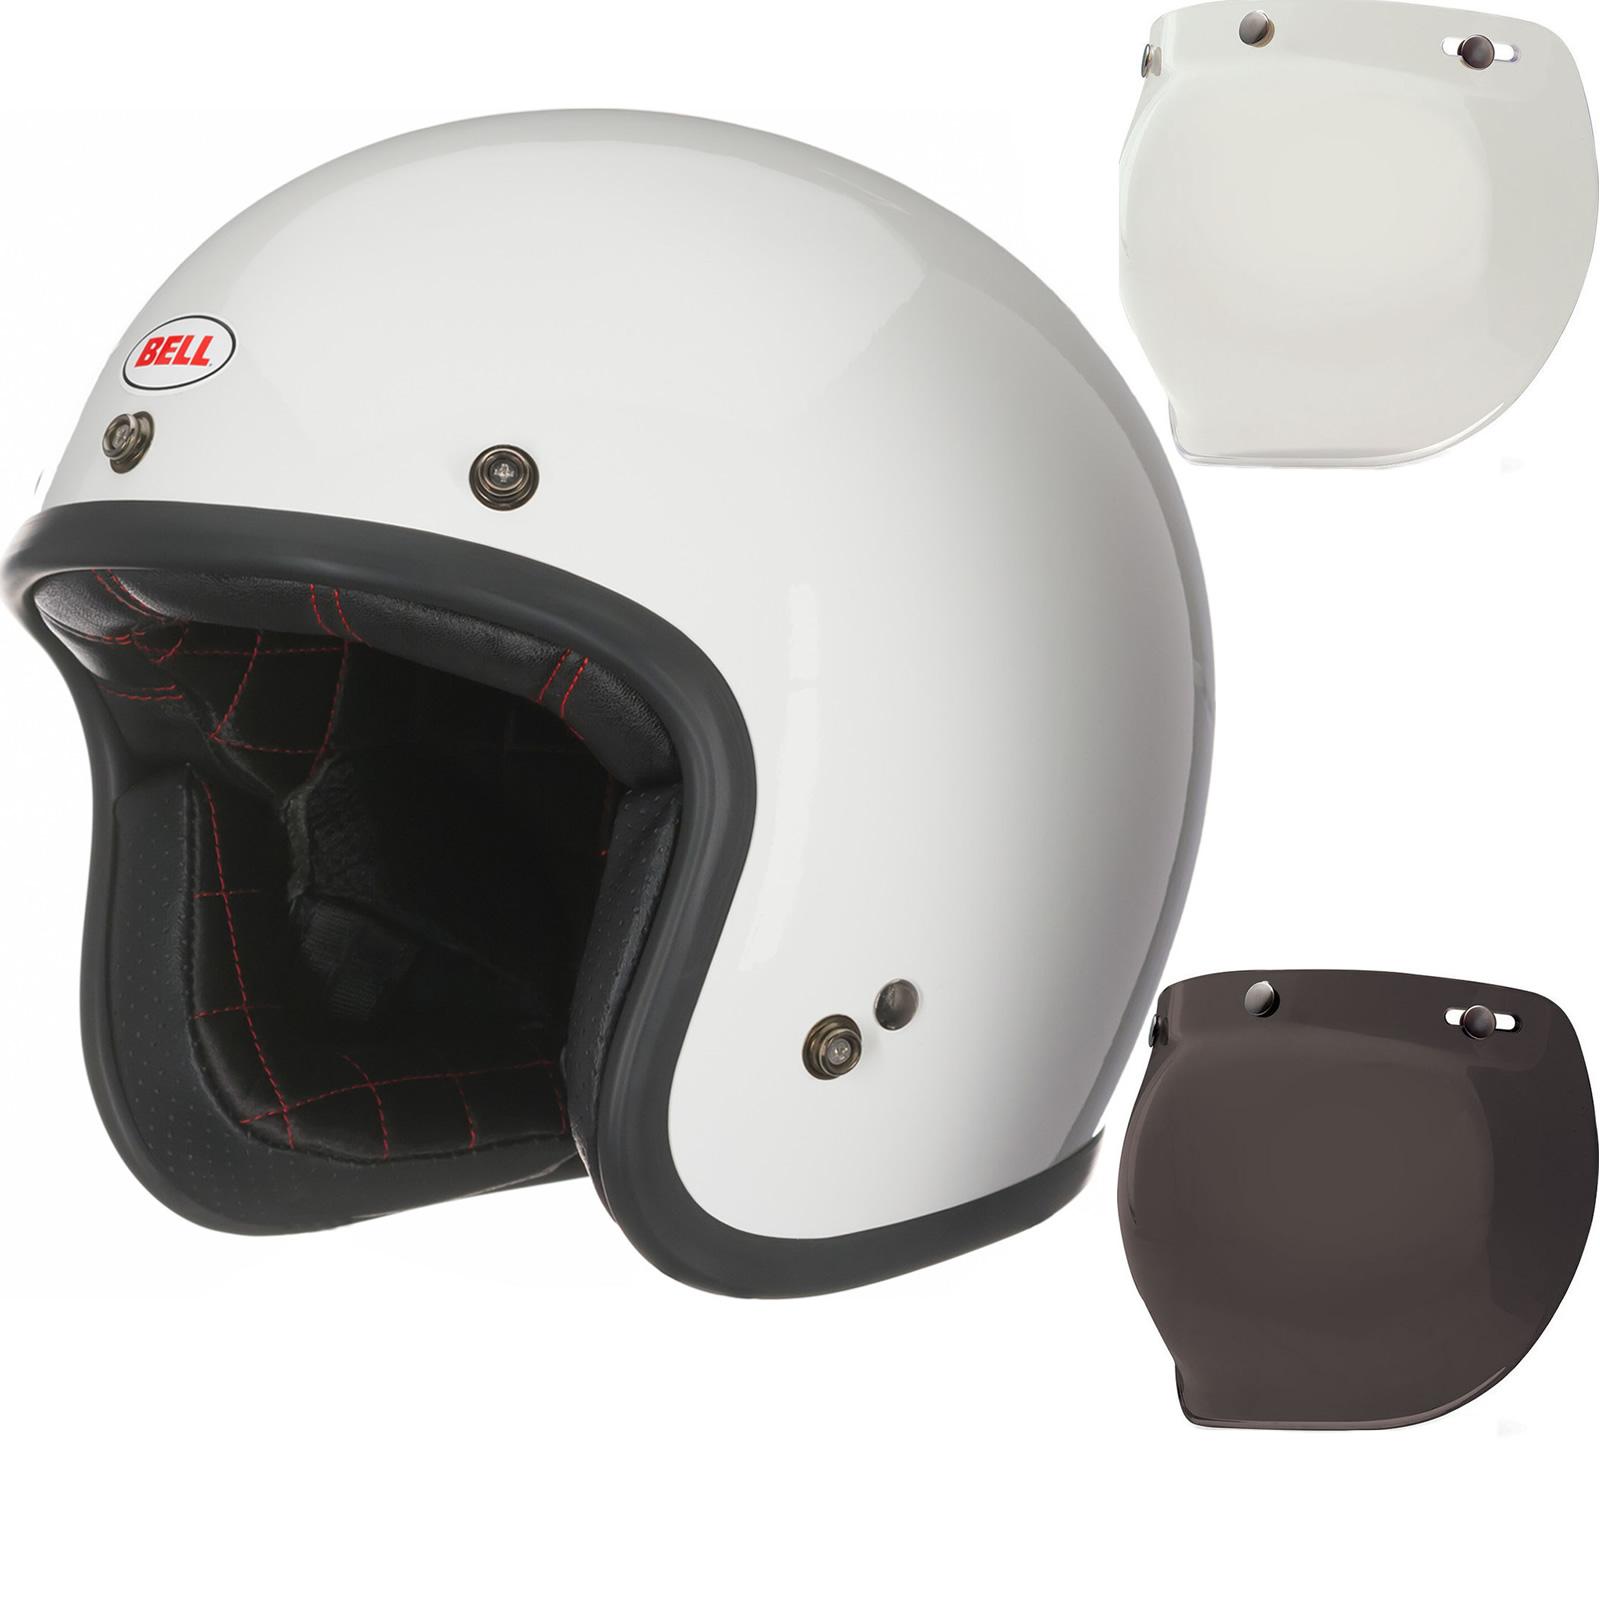 bbed9015 Sentinel Bell Custom 500 Deluxe Open Face Motorcycle Helmet & Bubble Visor  - White